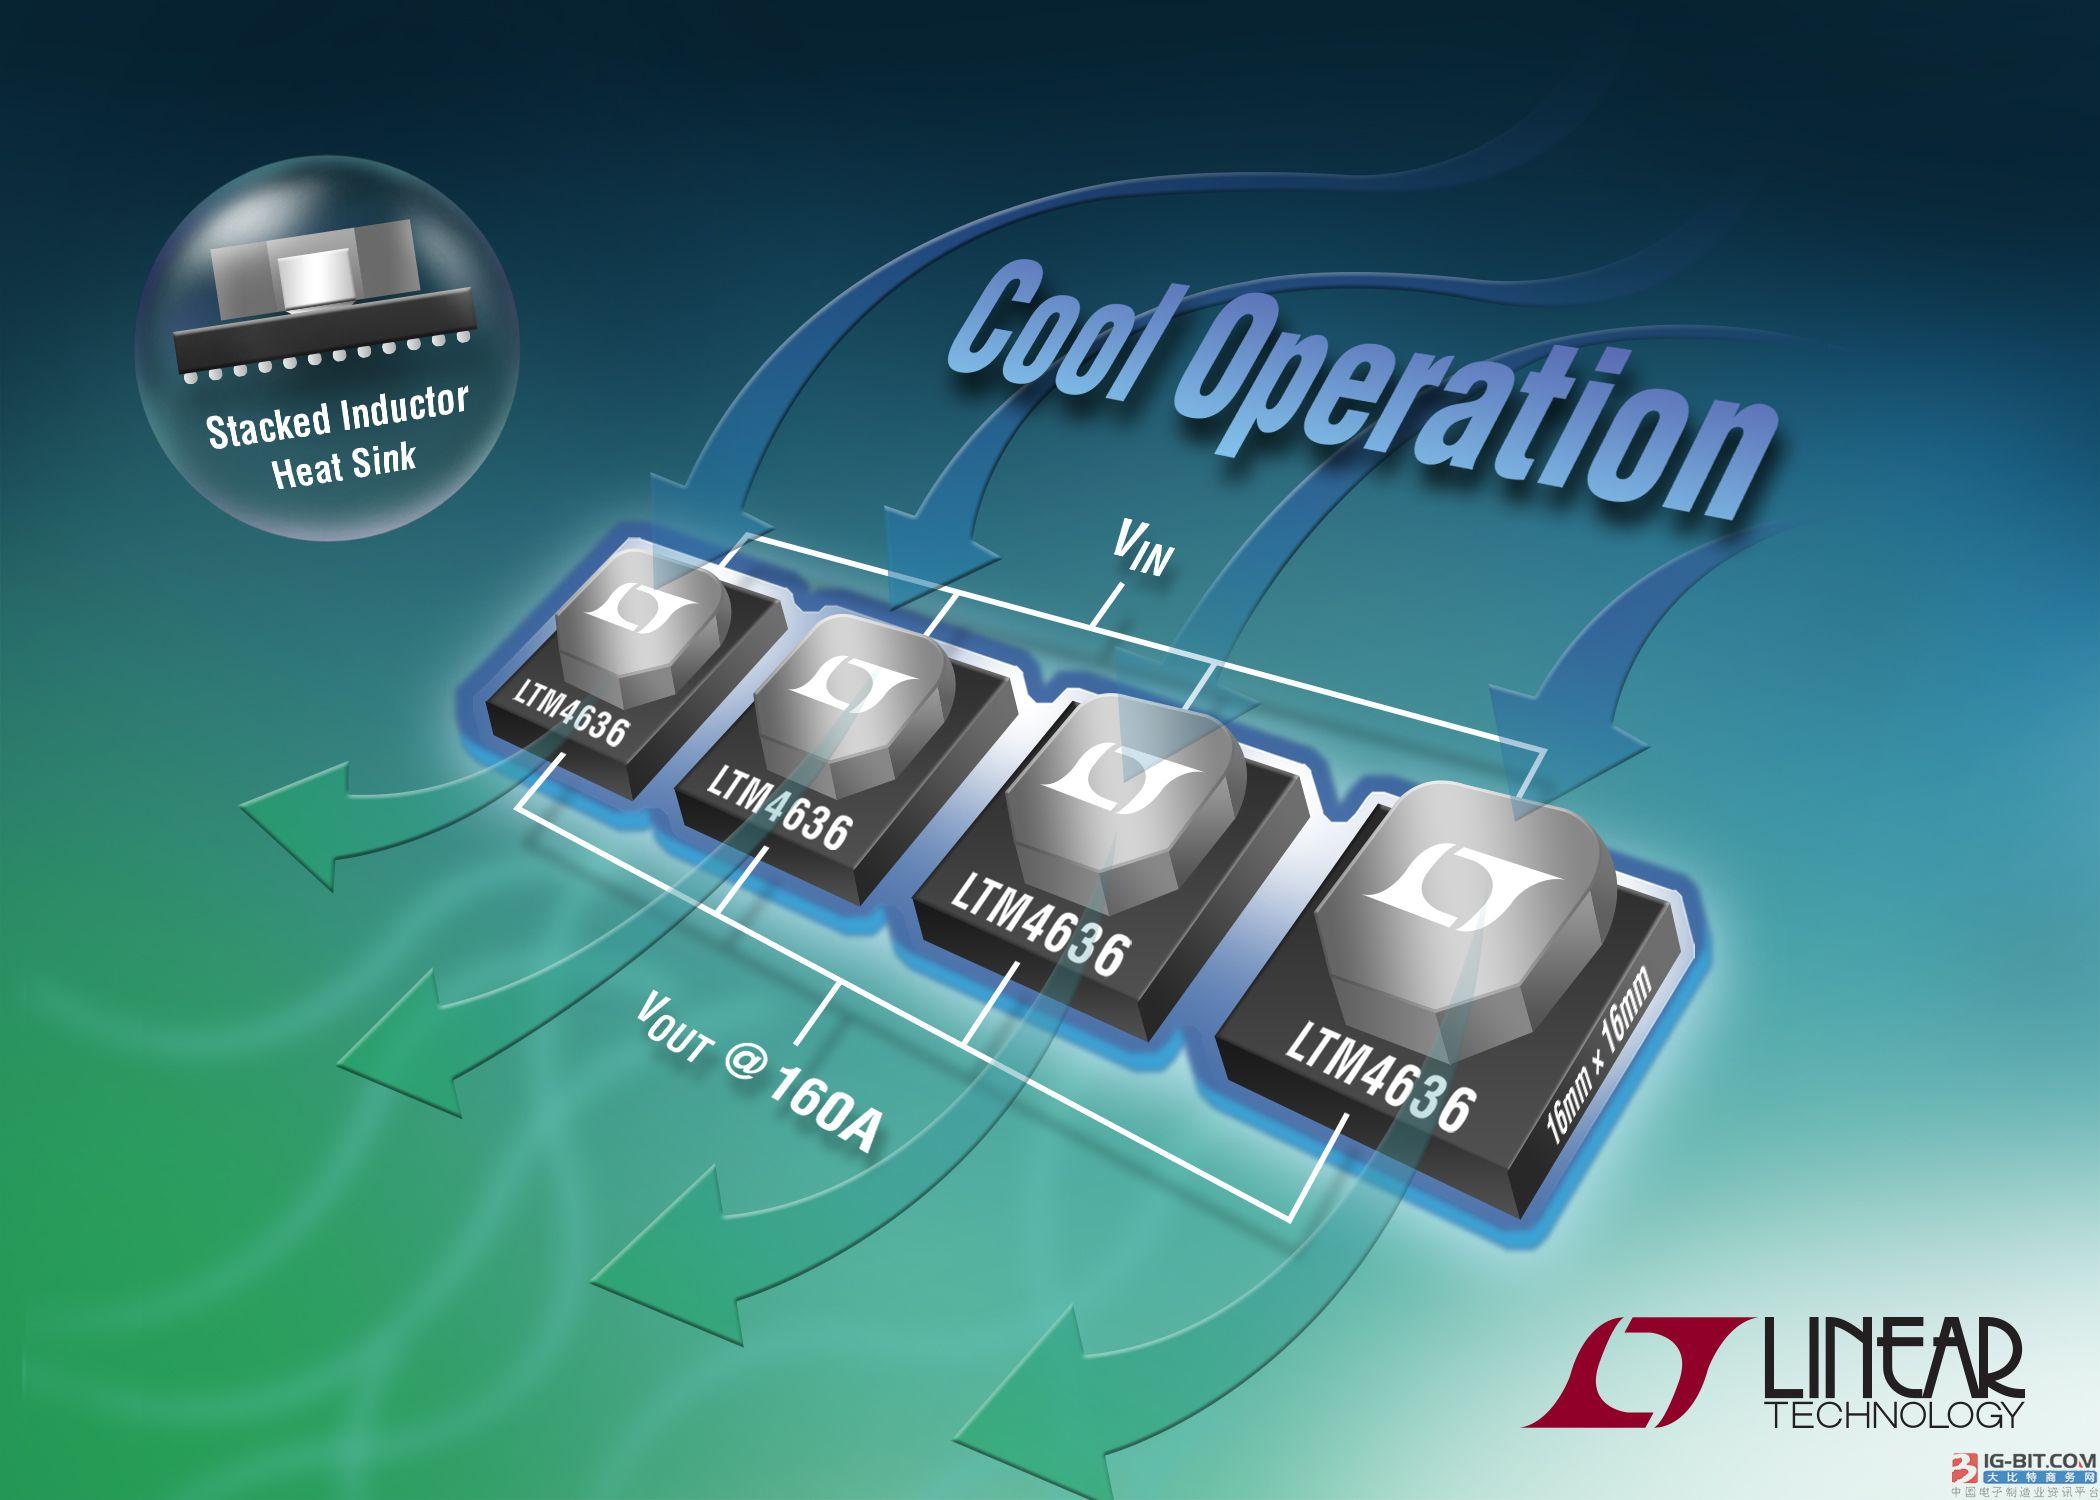 采用 3D 堆叠式电感器封装的 40A µModule 稳压器